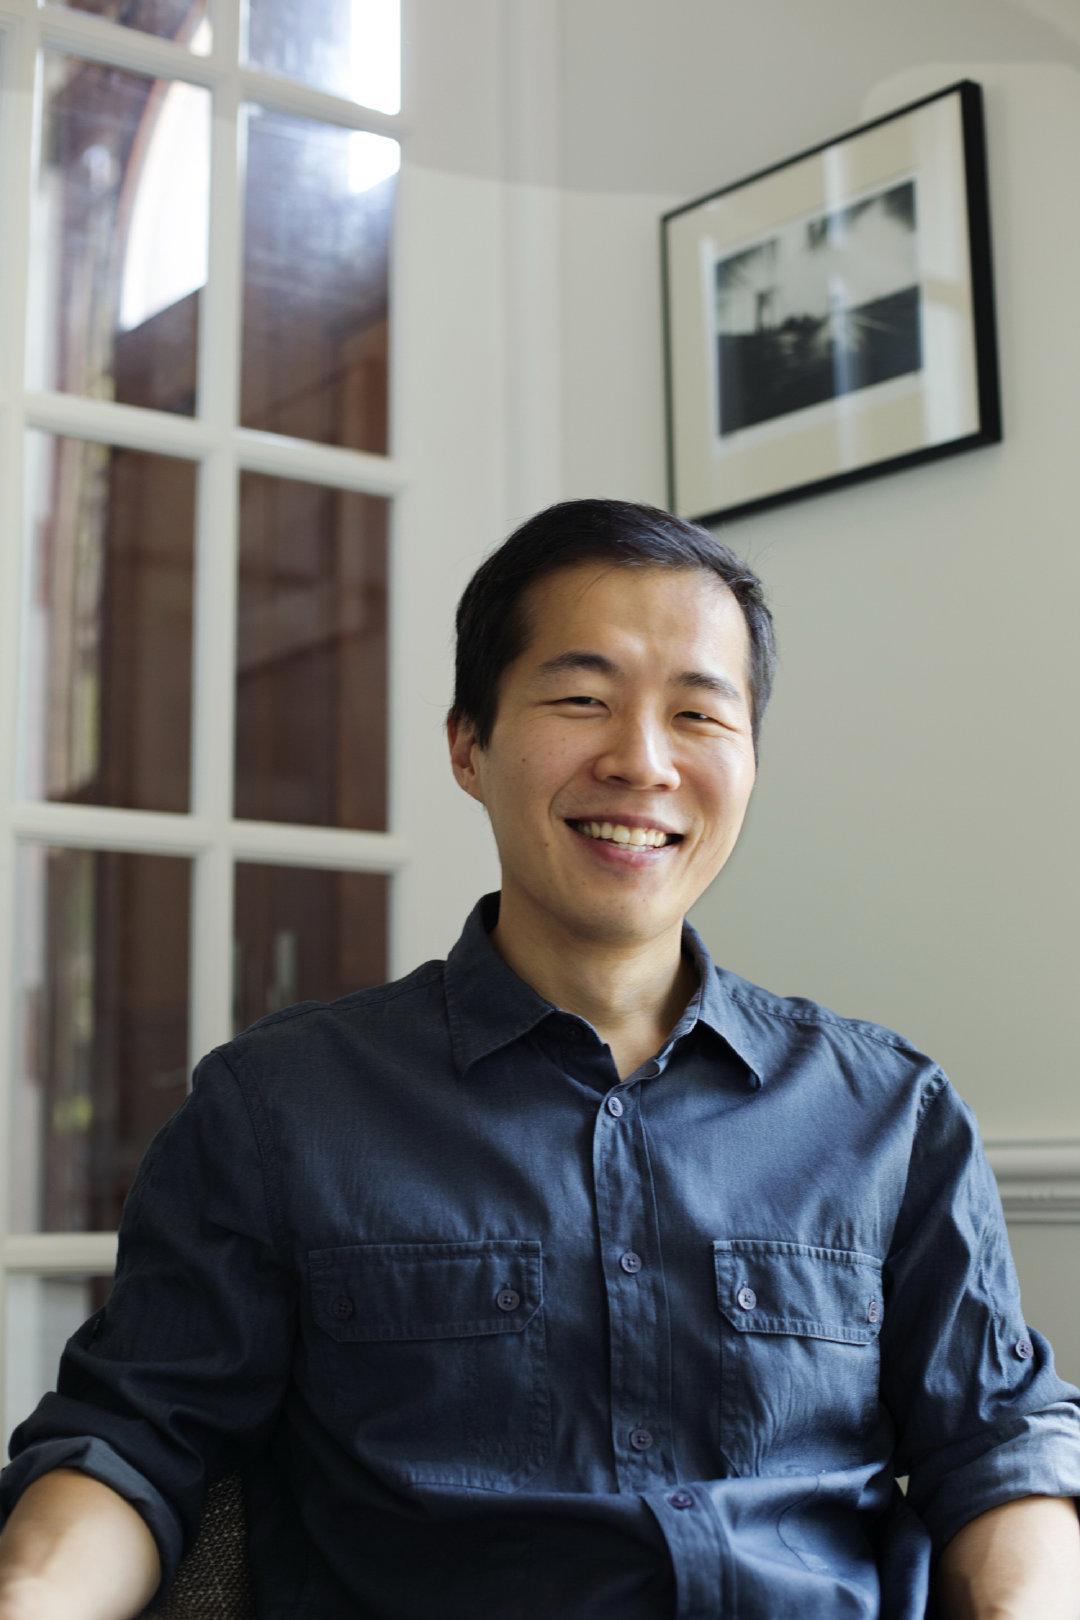 美国真人版《 》来了!Lee Isaac Chung为电影兼编剧,J.J